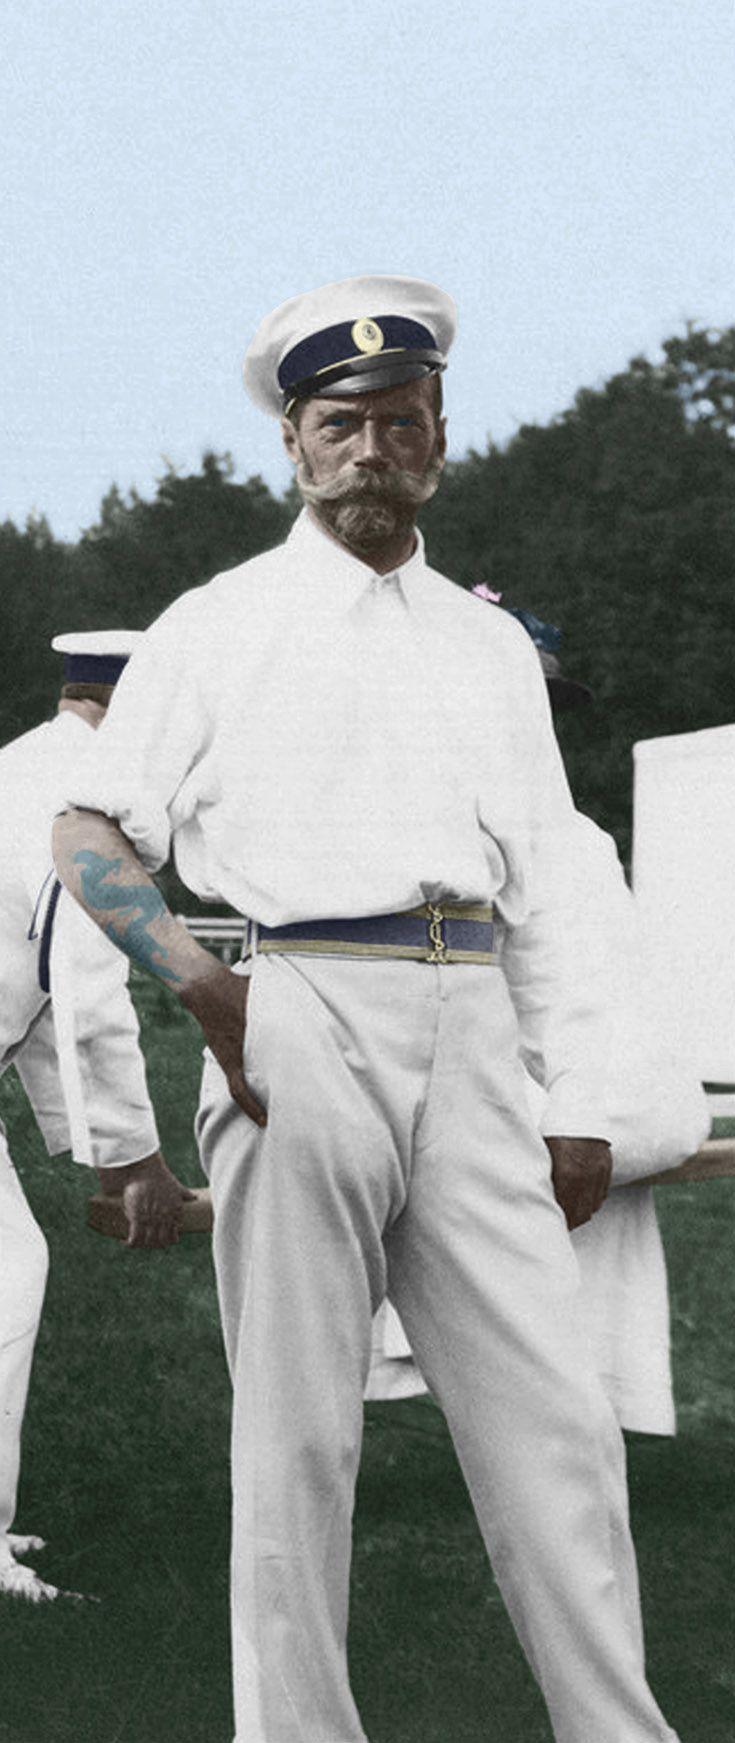 Nicola II di Russia, zar, aveva un dragone sul braccio sinistro come ben mostra la foto. (Fonte immagine: Romanov Photo Album vol. 2 (Yale)-85)